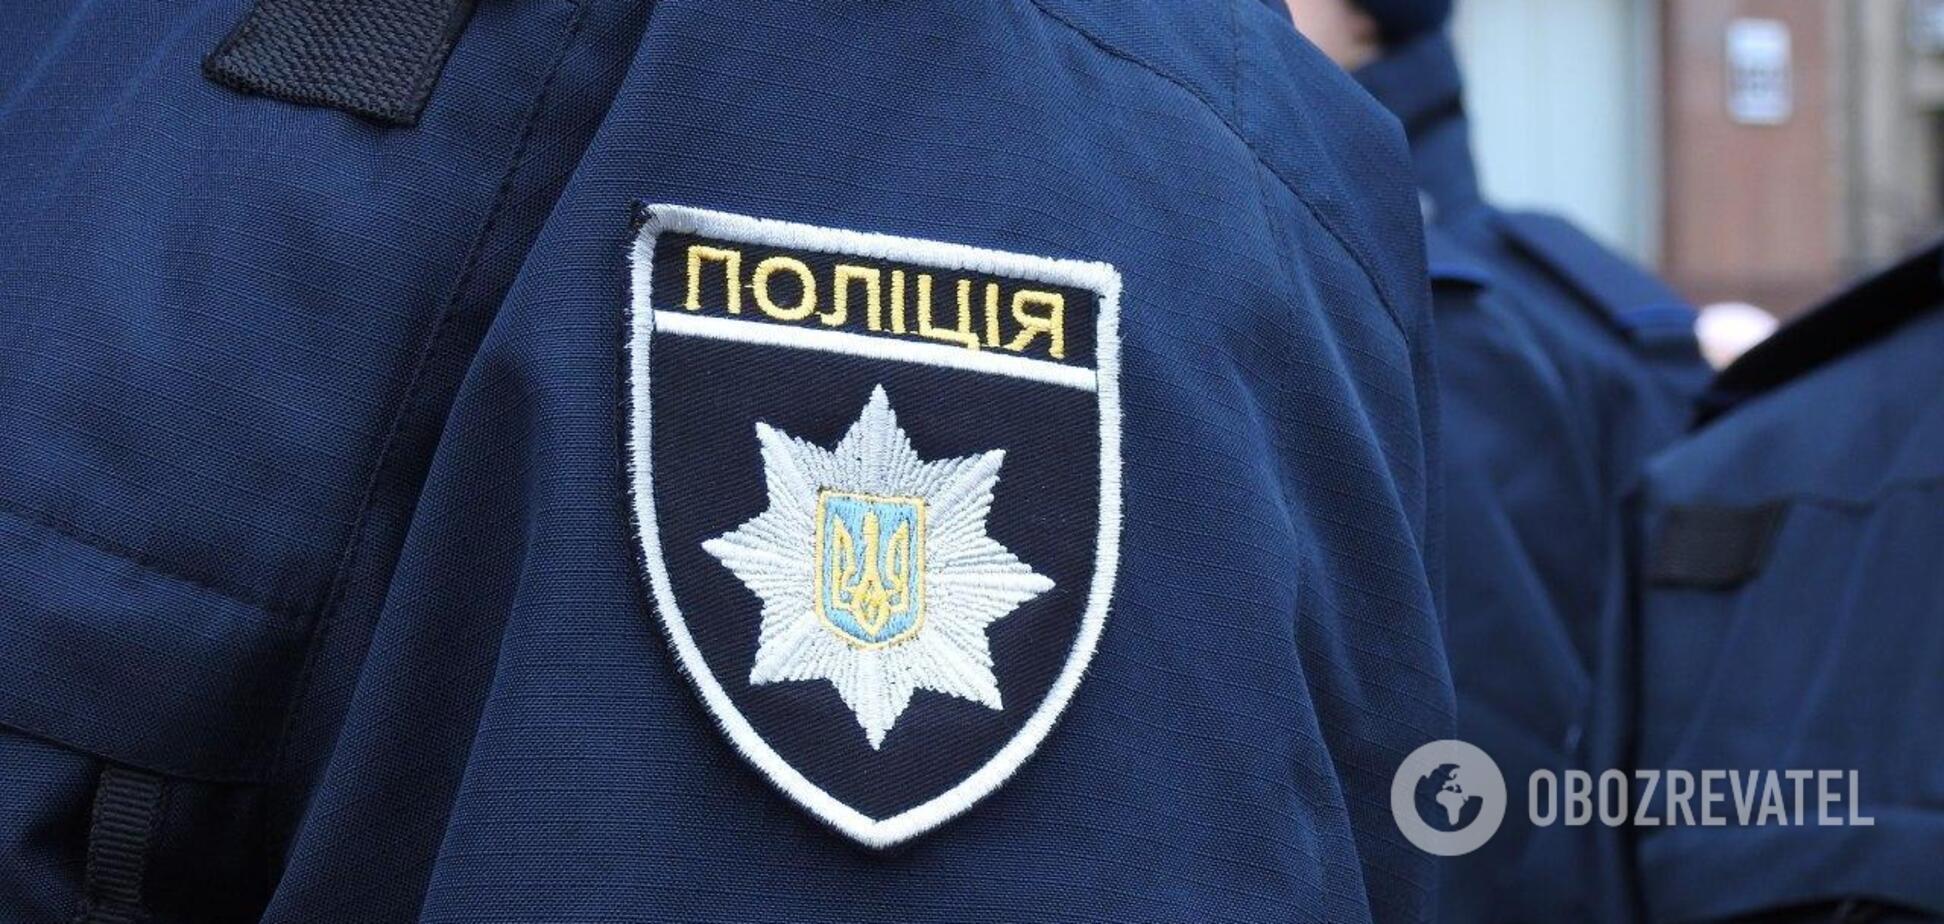 Поліція відкрила три кримінальні впровадження